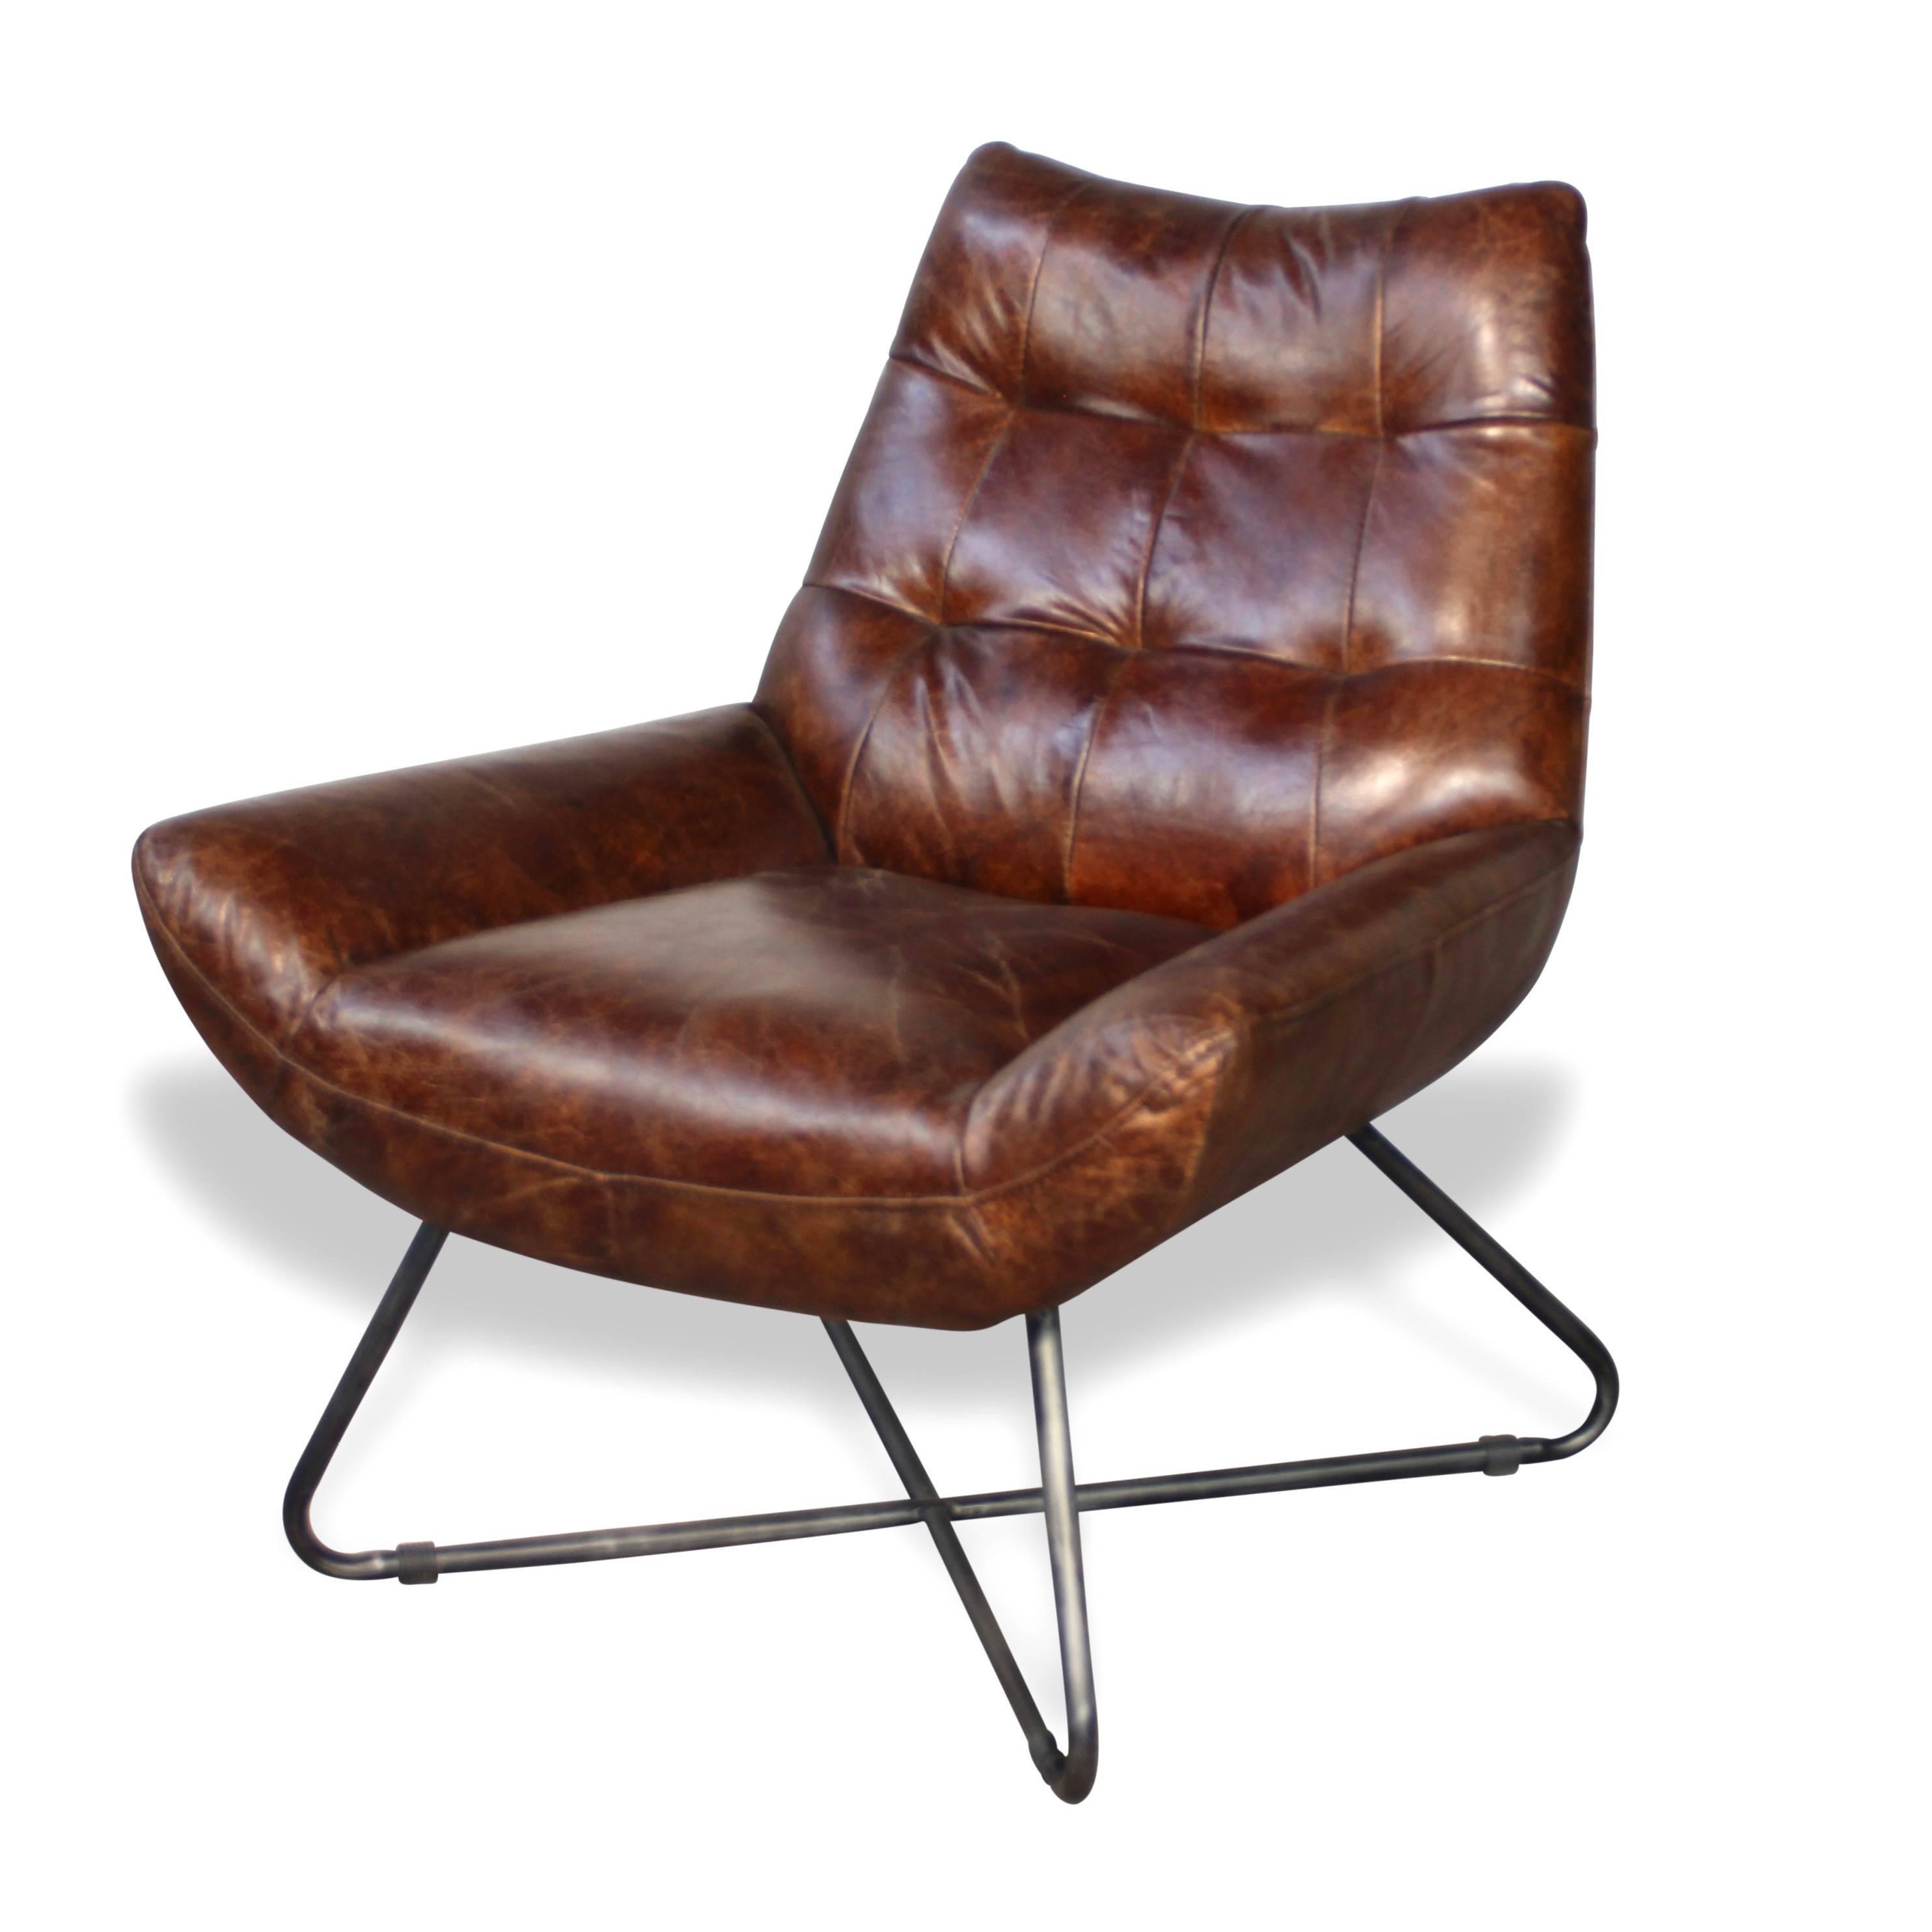 tout neuf 909ae 883ef Fauteuil vintage en cuir brun vieilli design seventies, pieds en métal